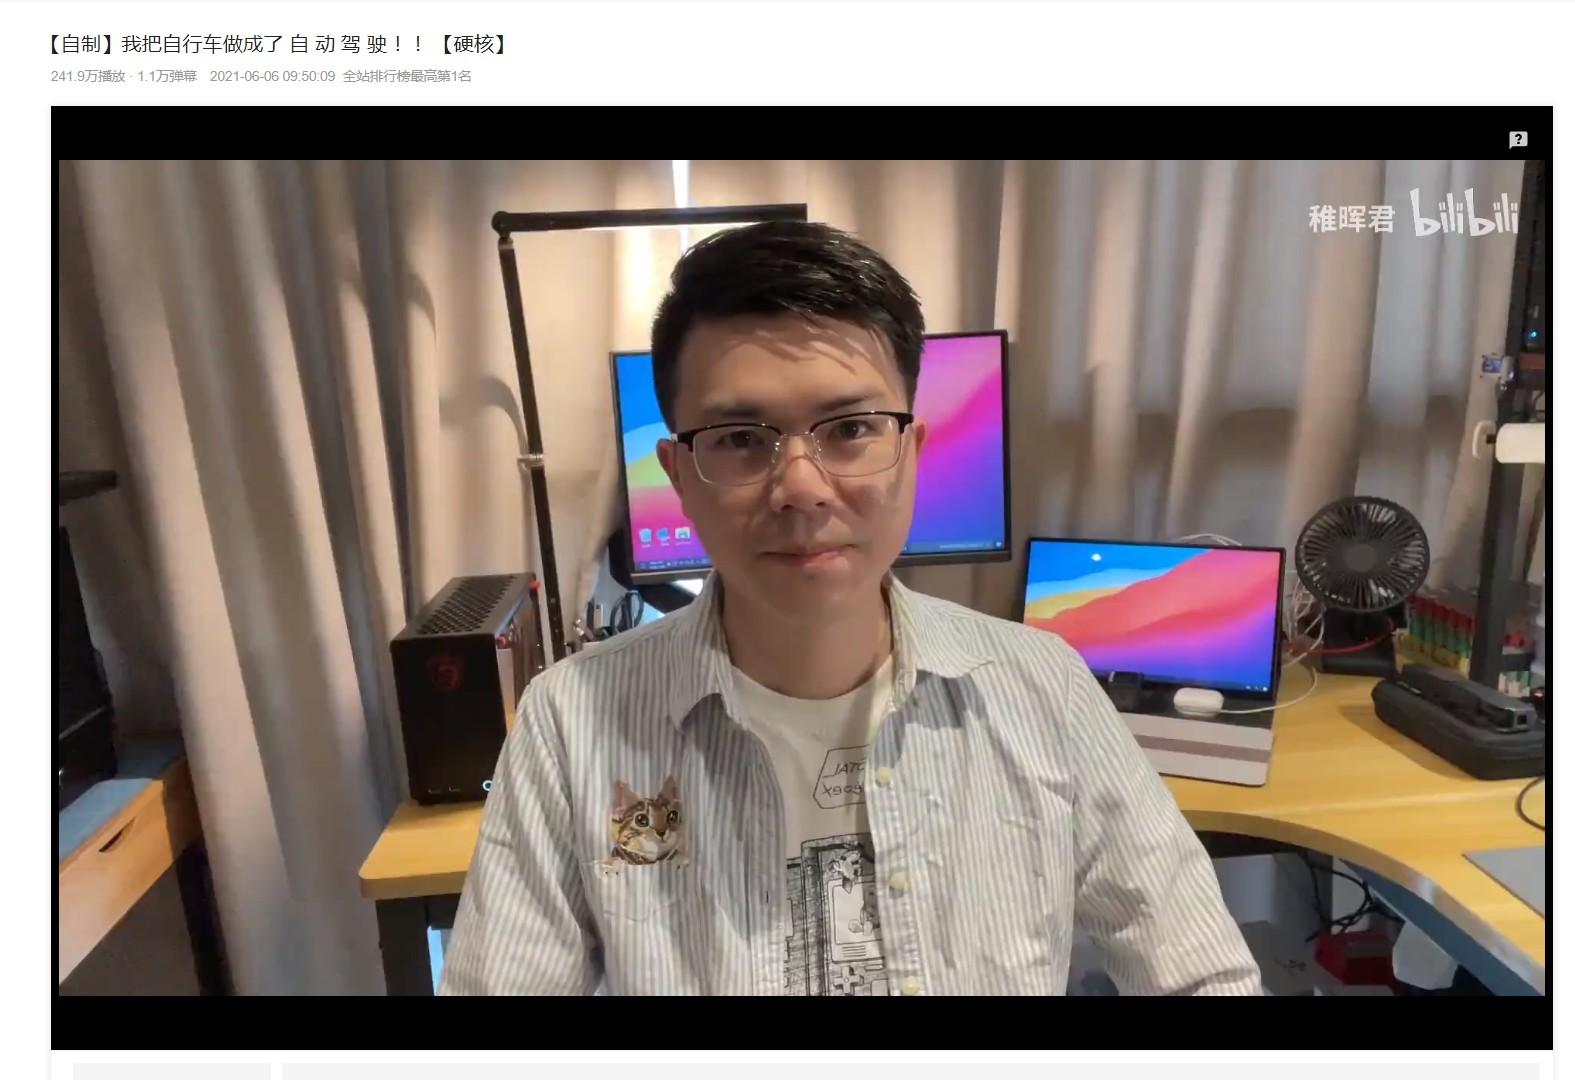 看了UP主稚晖君背景简历资料,原来是华为天才少年彭志辉